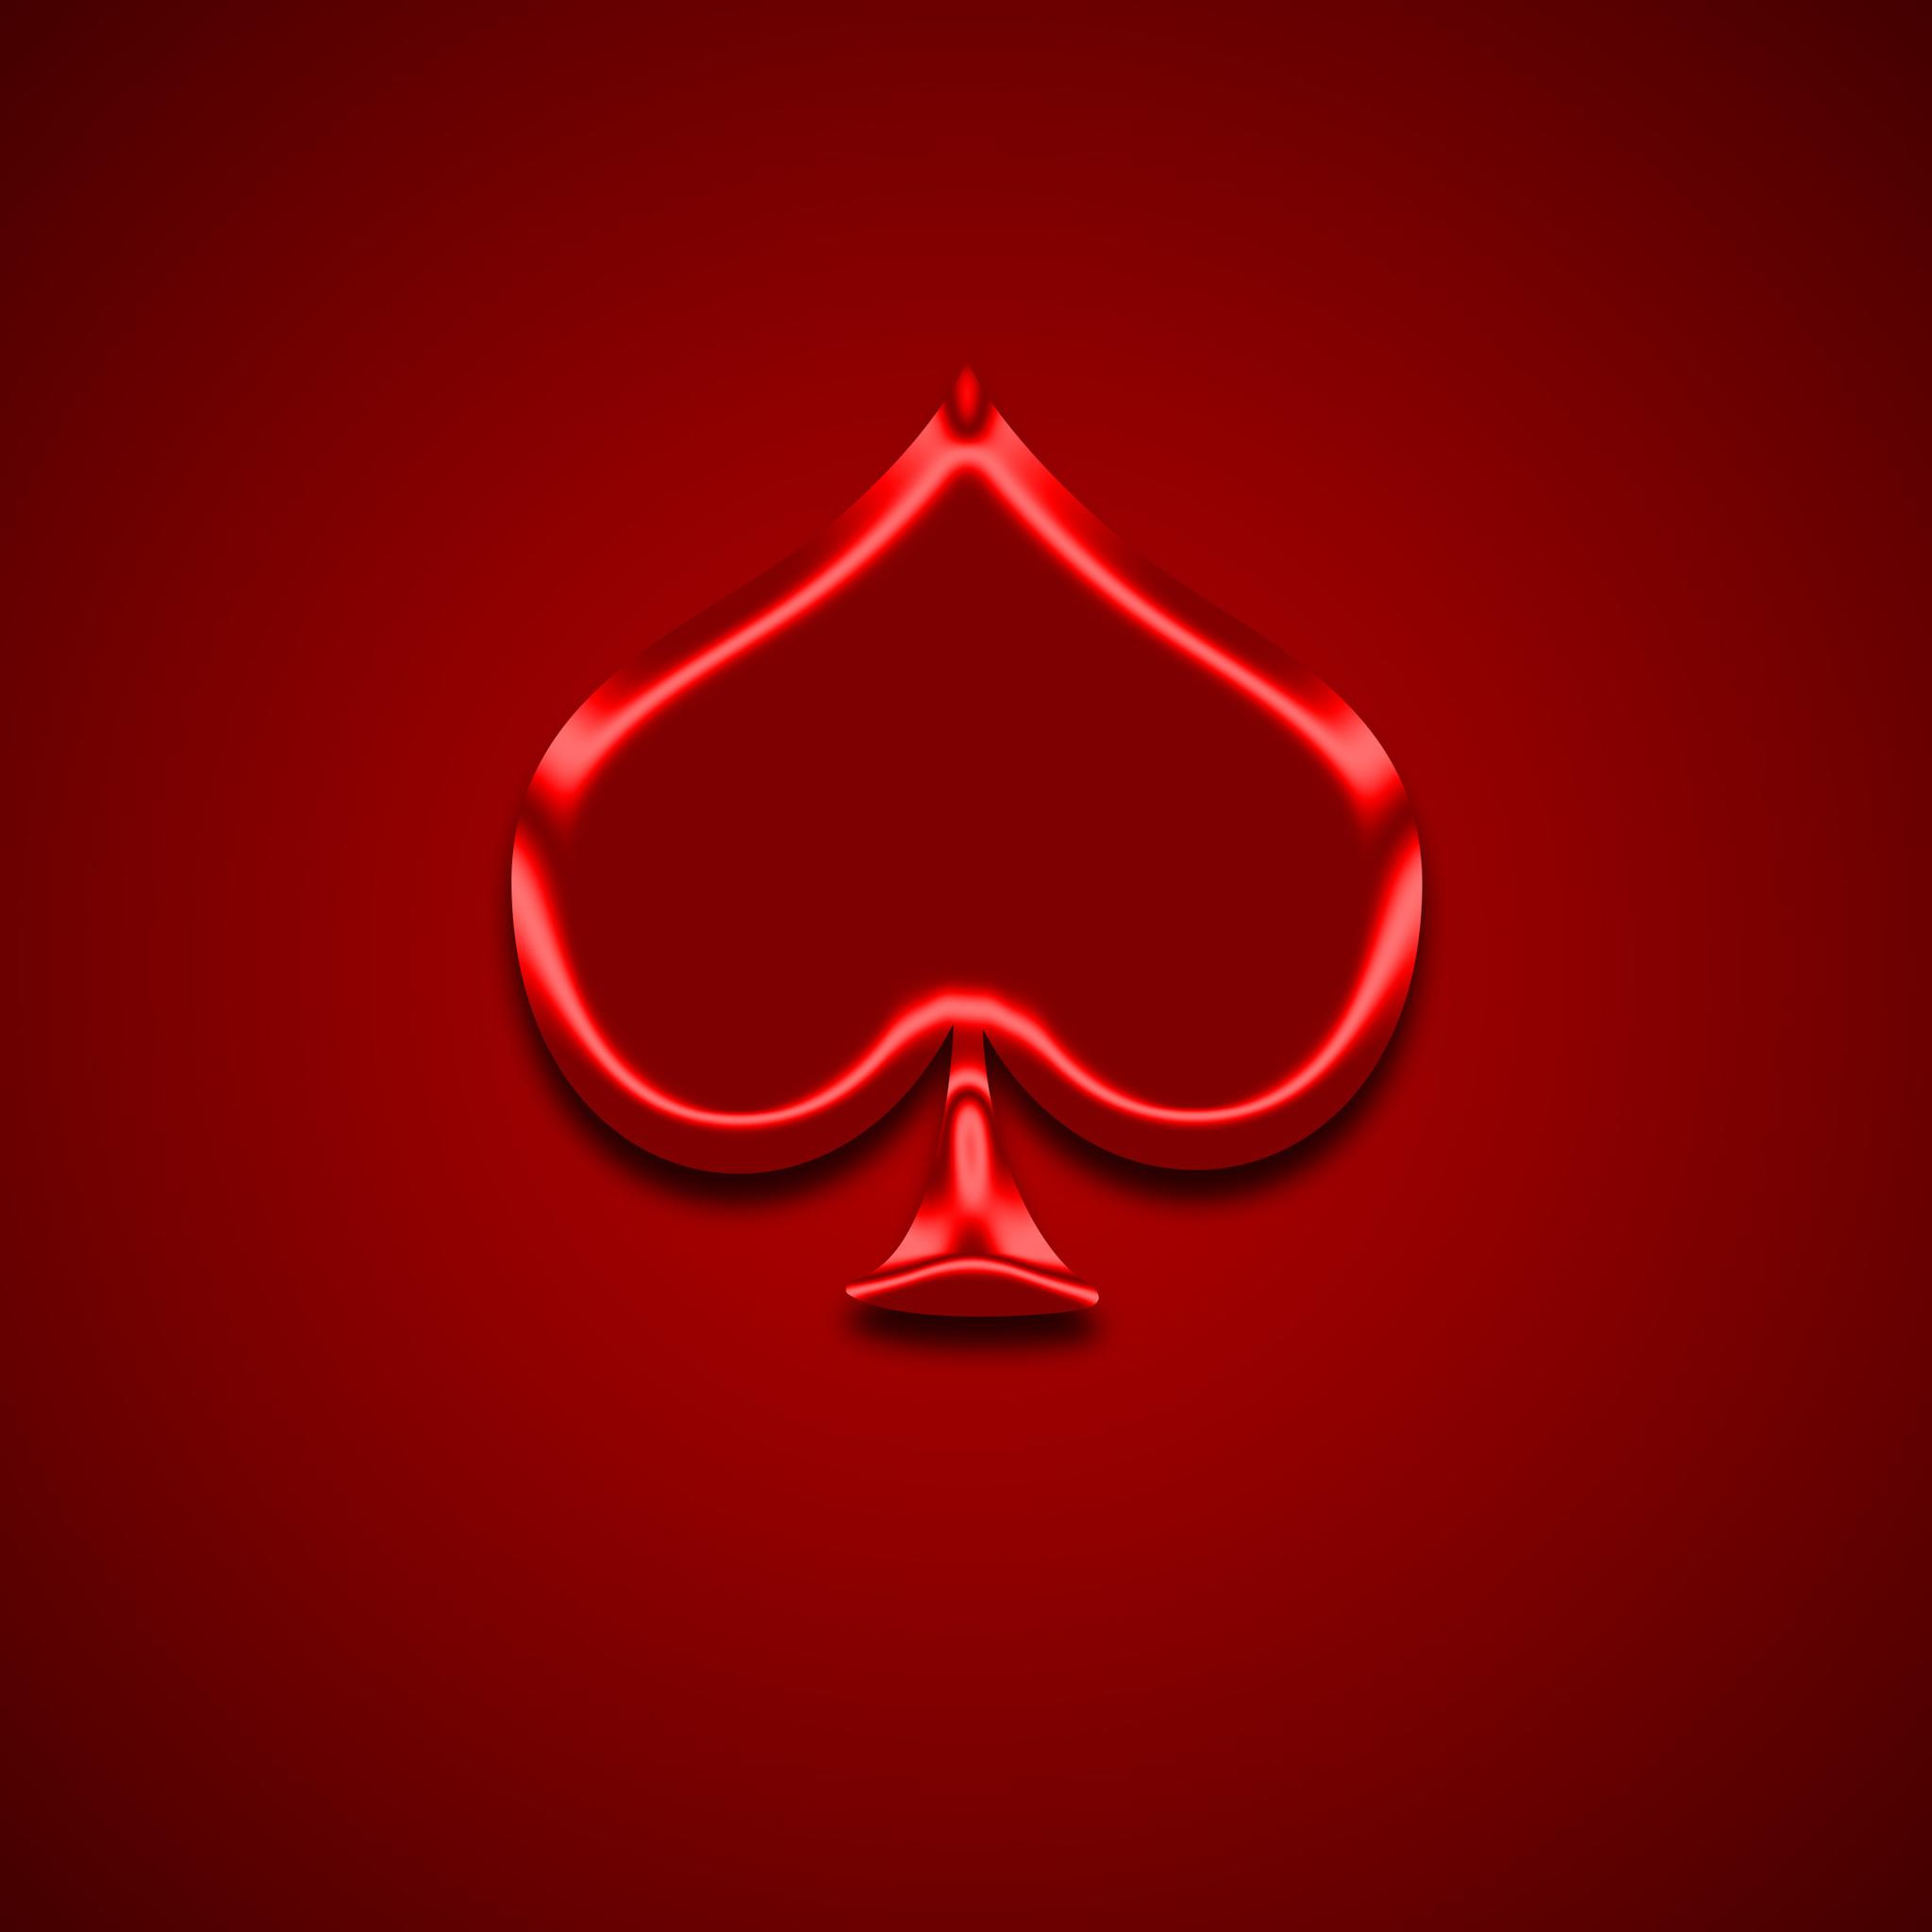 glass-heart-creative-art-su.jpg